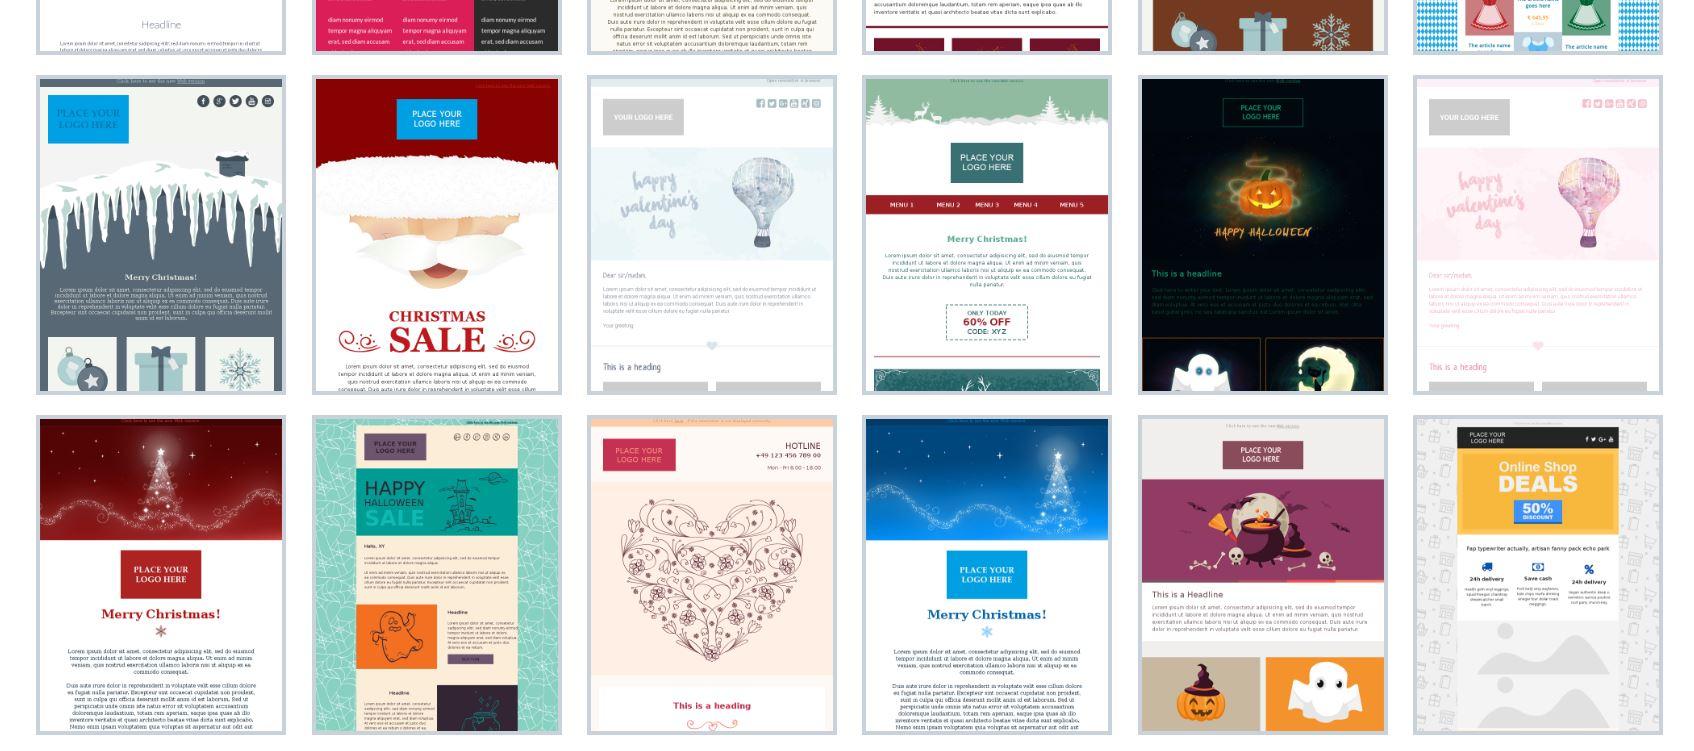 kostenlose newsletter templates von newsletter2go. Black Bedroom Furniture Sets. Home Design Ideas